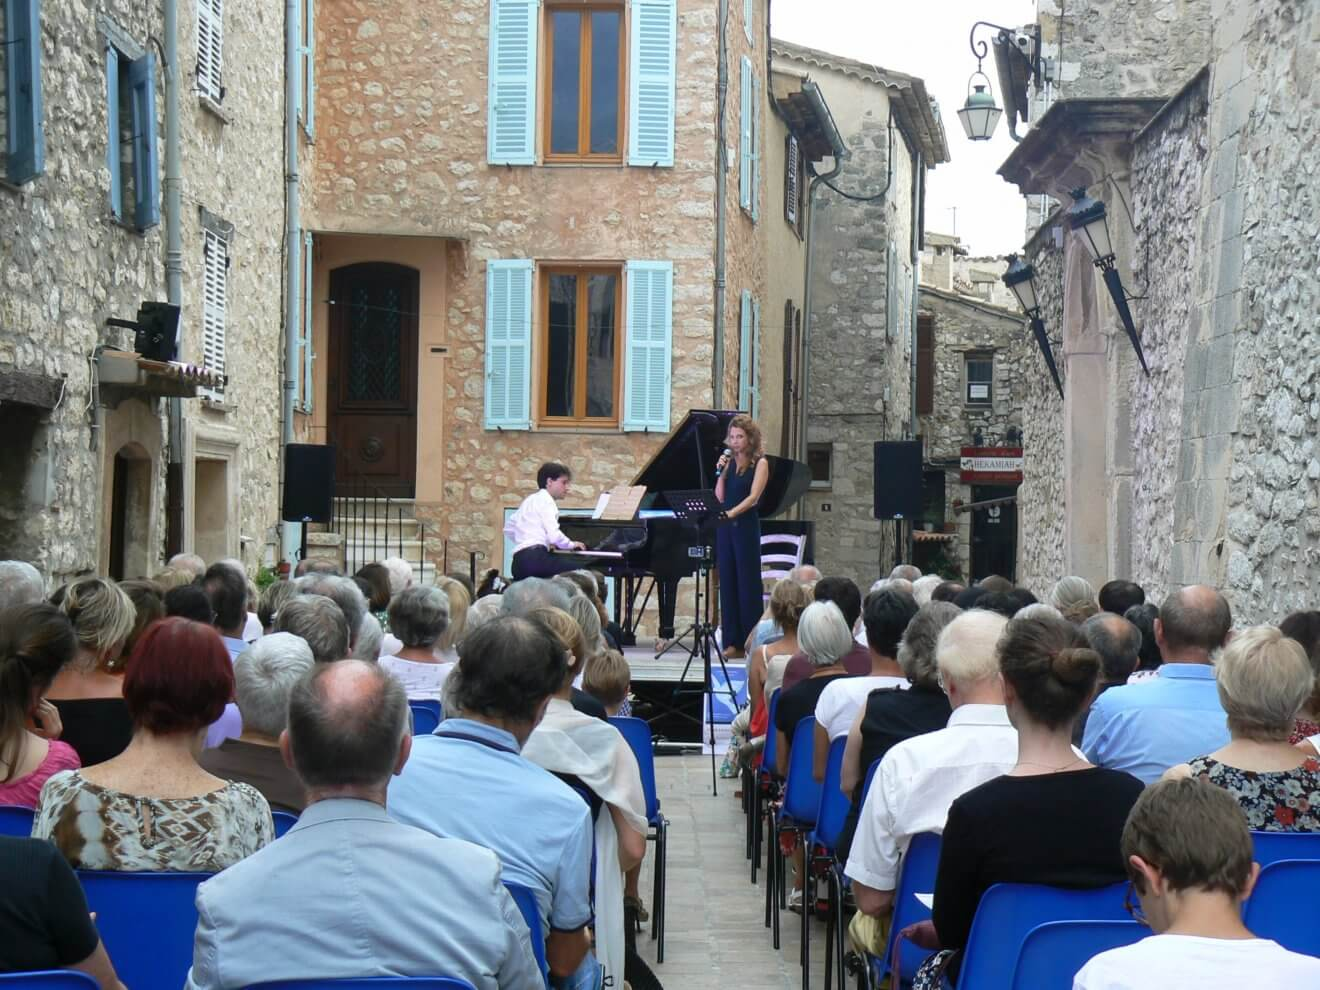 Récital et piano, un beau moment de qualité